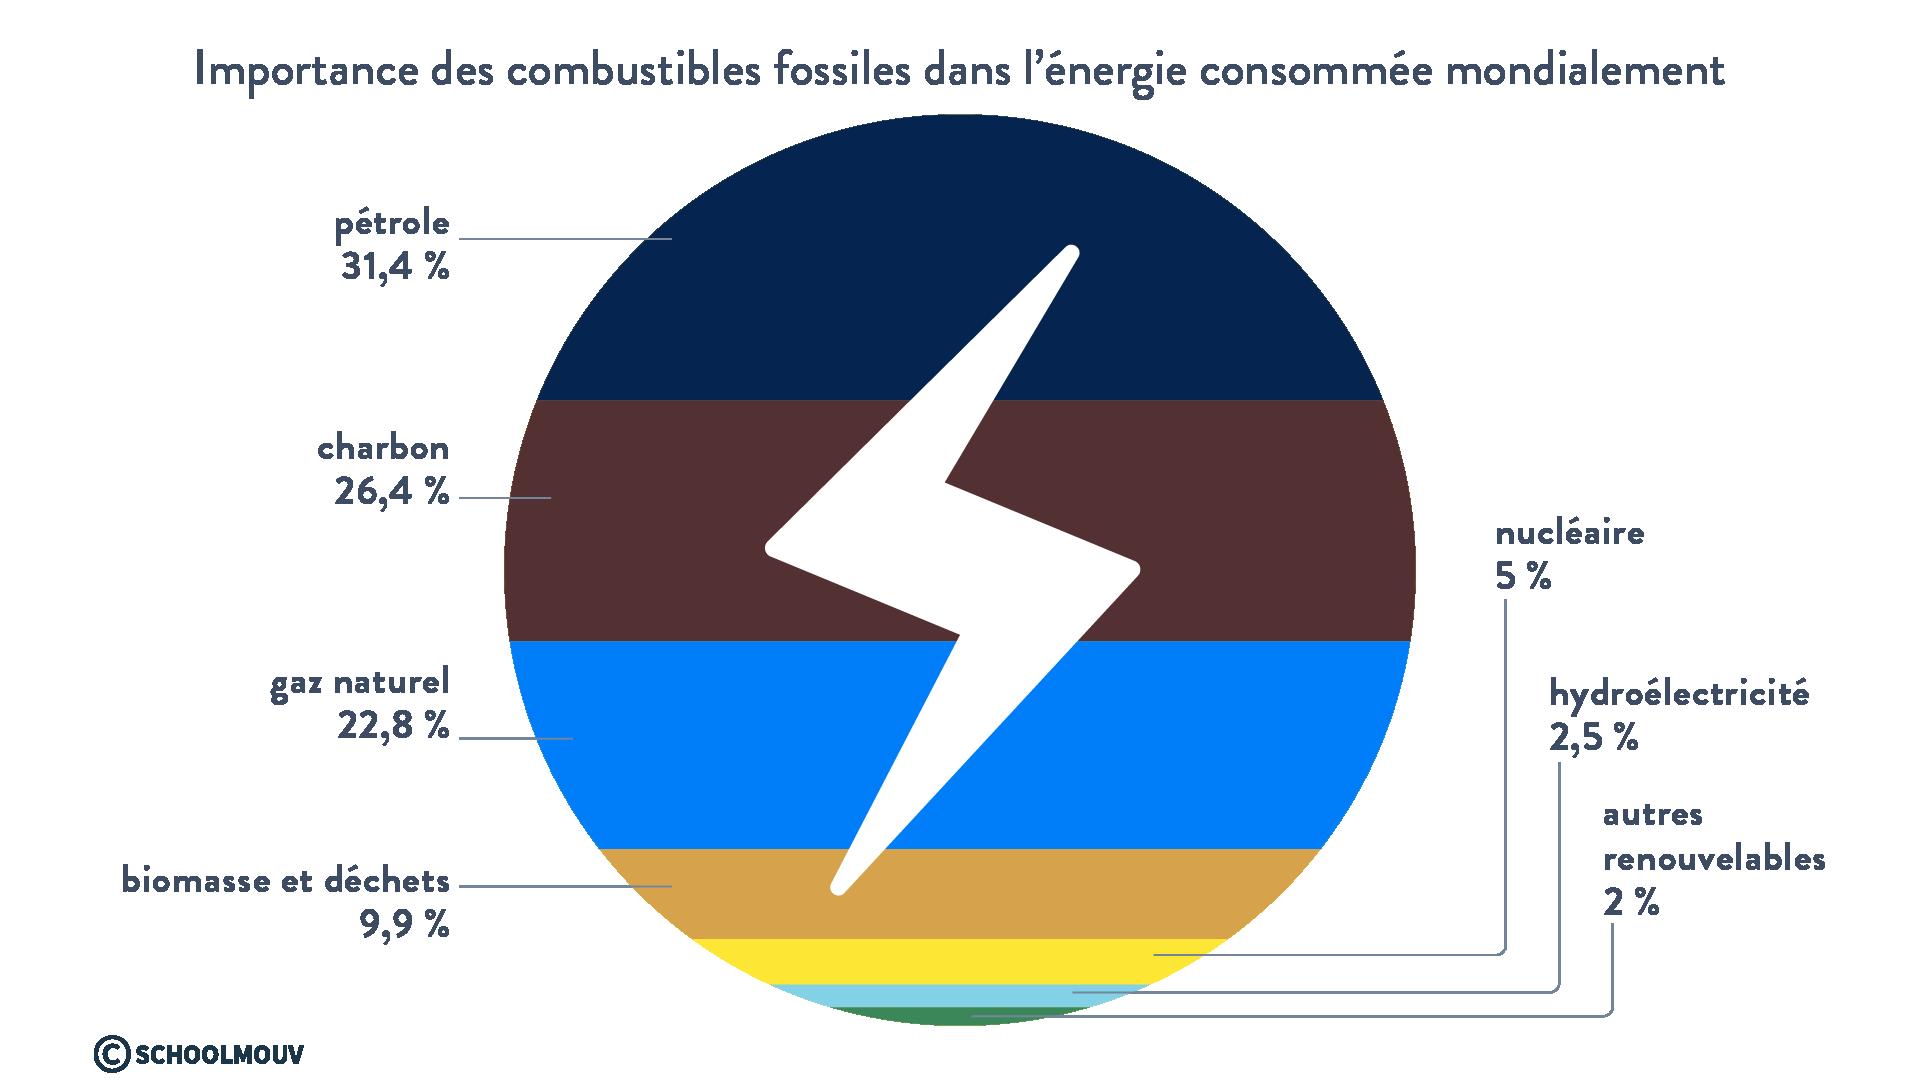 combustibles fossiles énergie consommée mondialement